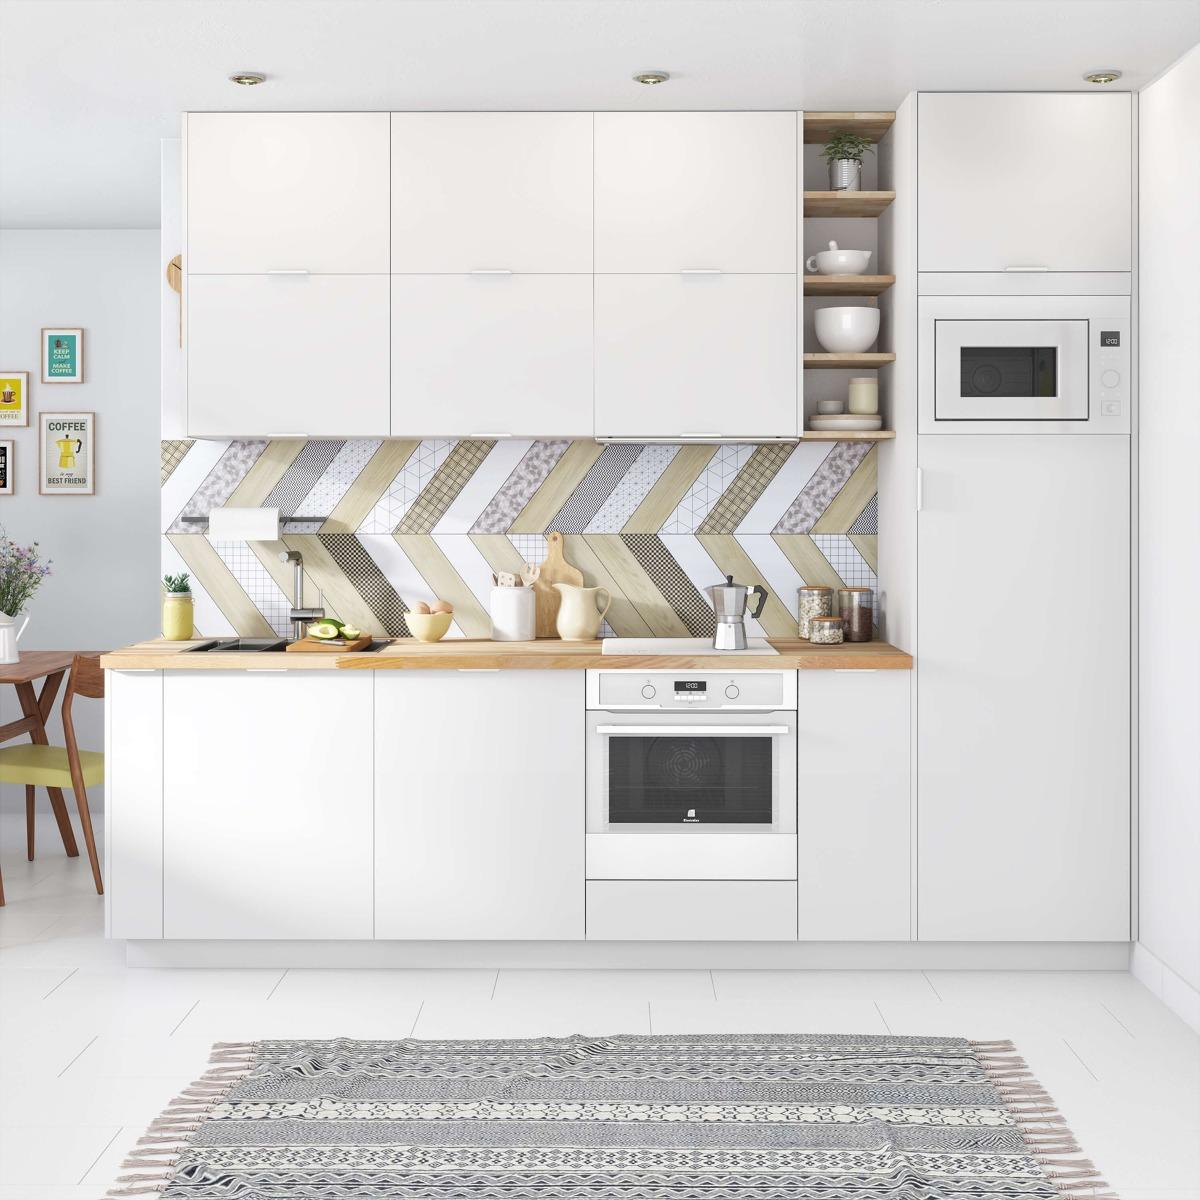 Delinia Tokyo White Designer Kitchen Mobi - Example 4